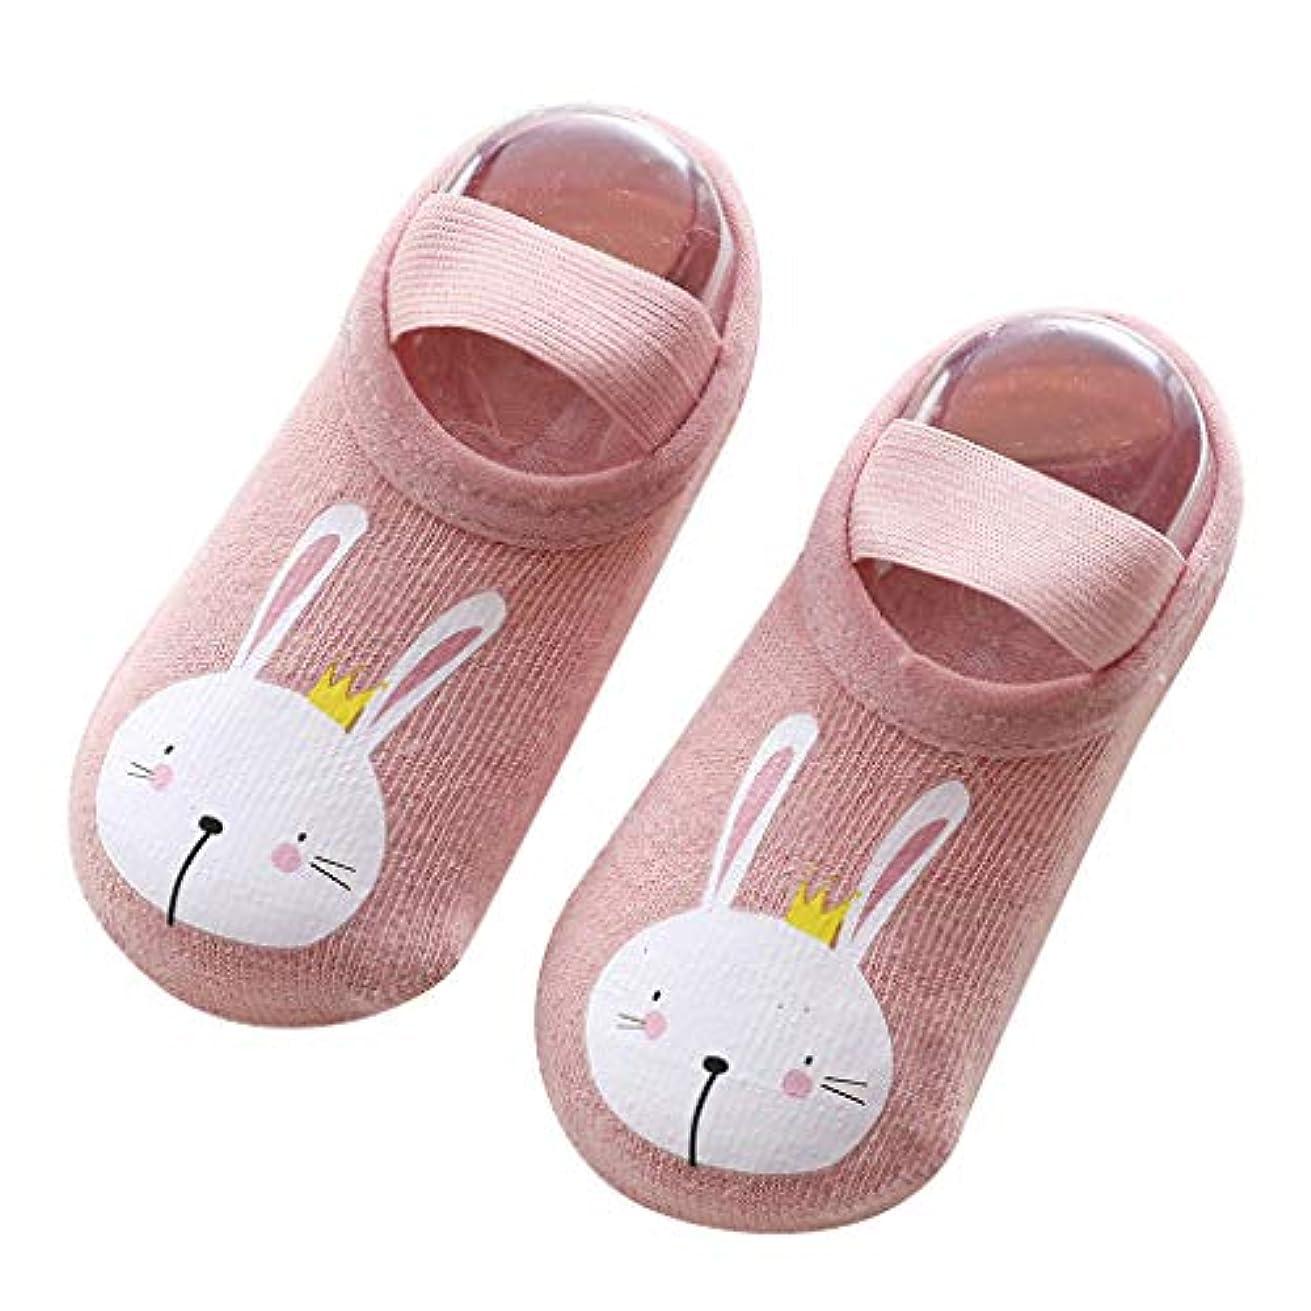 ベテランシュートパトロン幼児 綿 靴下 ファーストシューズ ベビールームソックス 快適 かわいい 滑り止め付き ソックスシューズ 快適 通気性いい 3足セット1-3歳 12cm-14cm (ブルー) (ピンク)